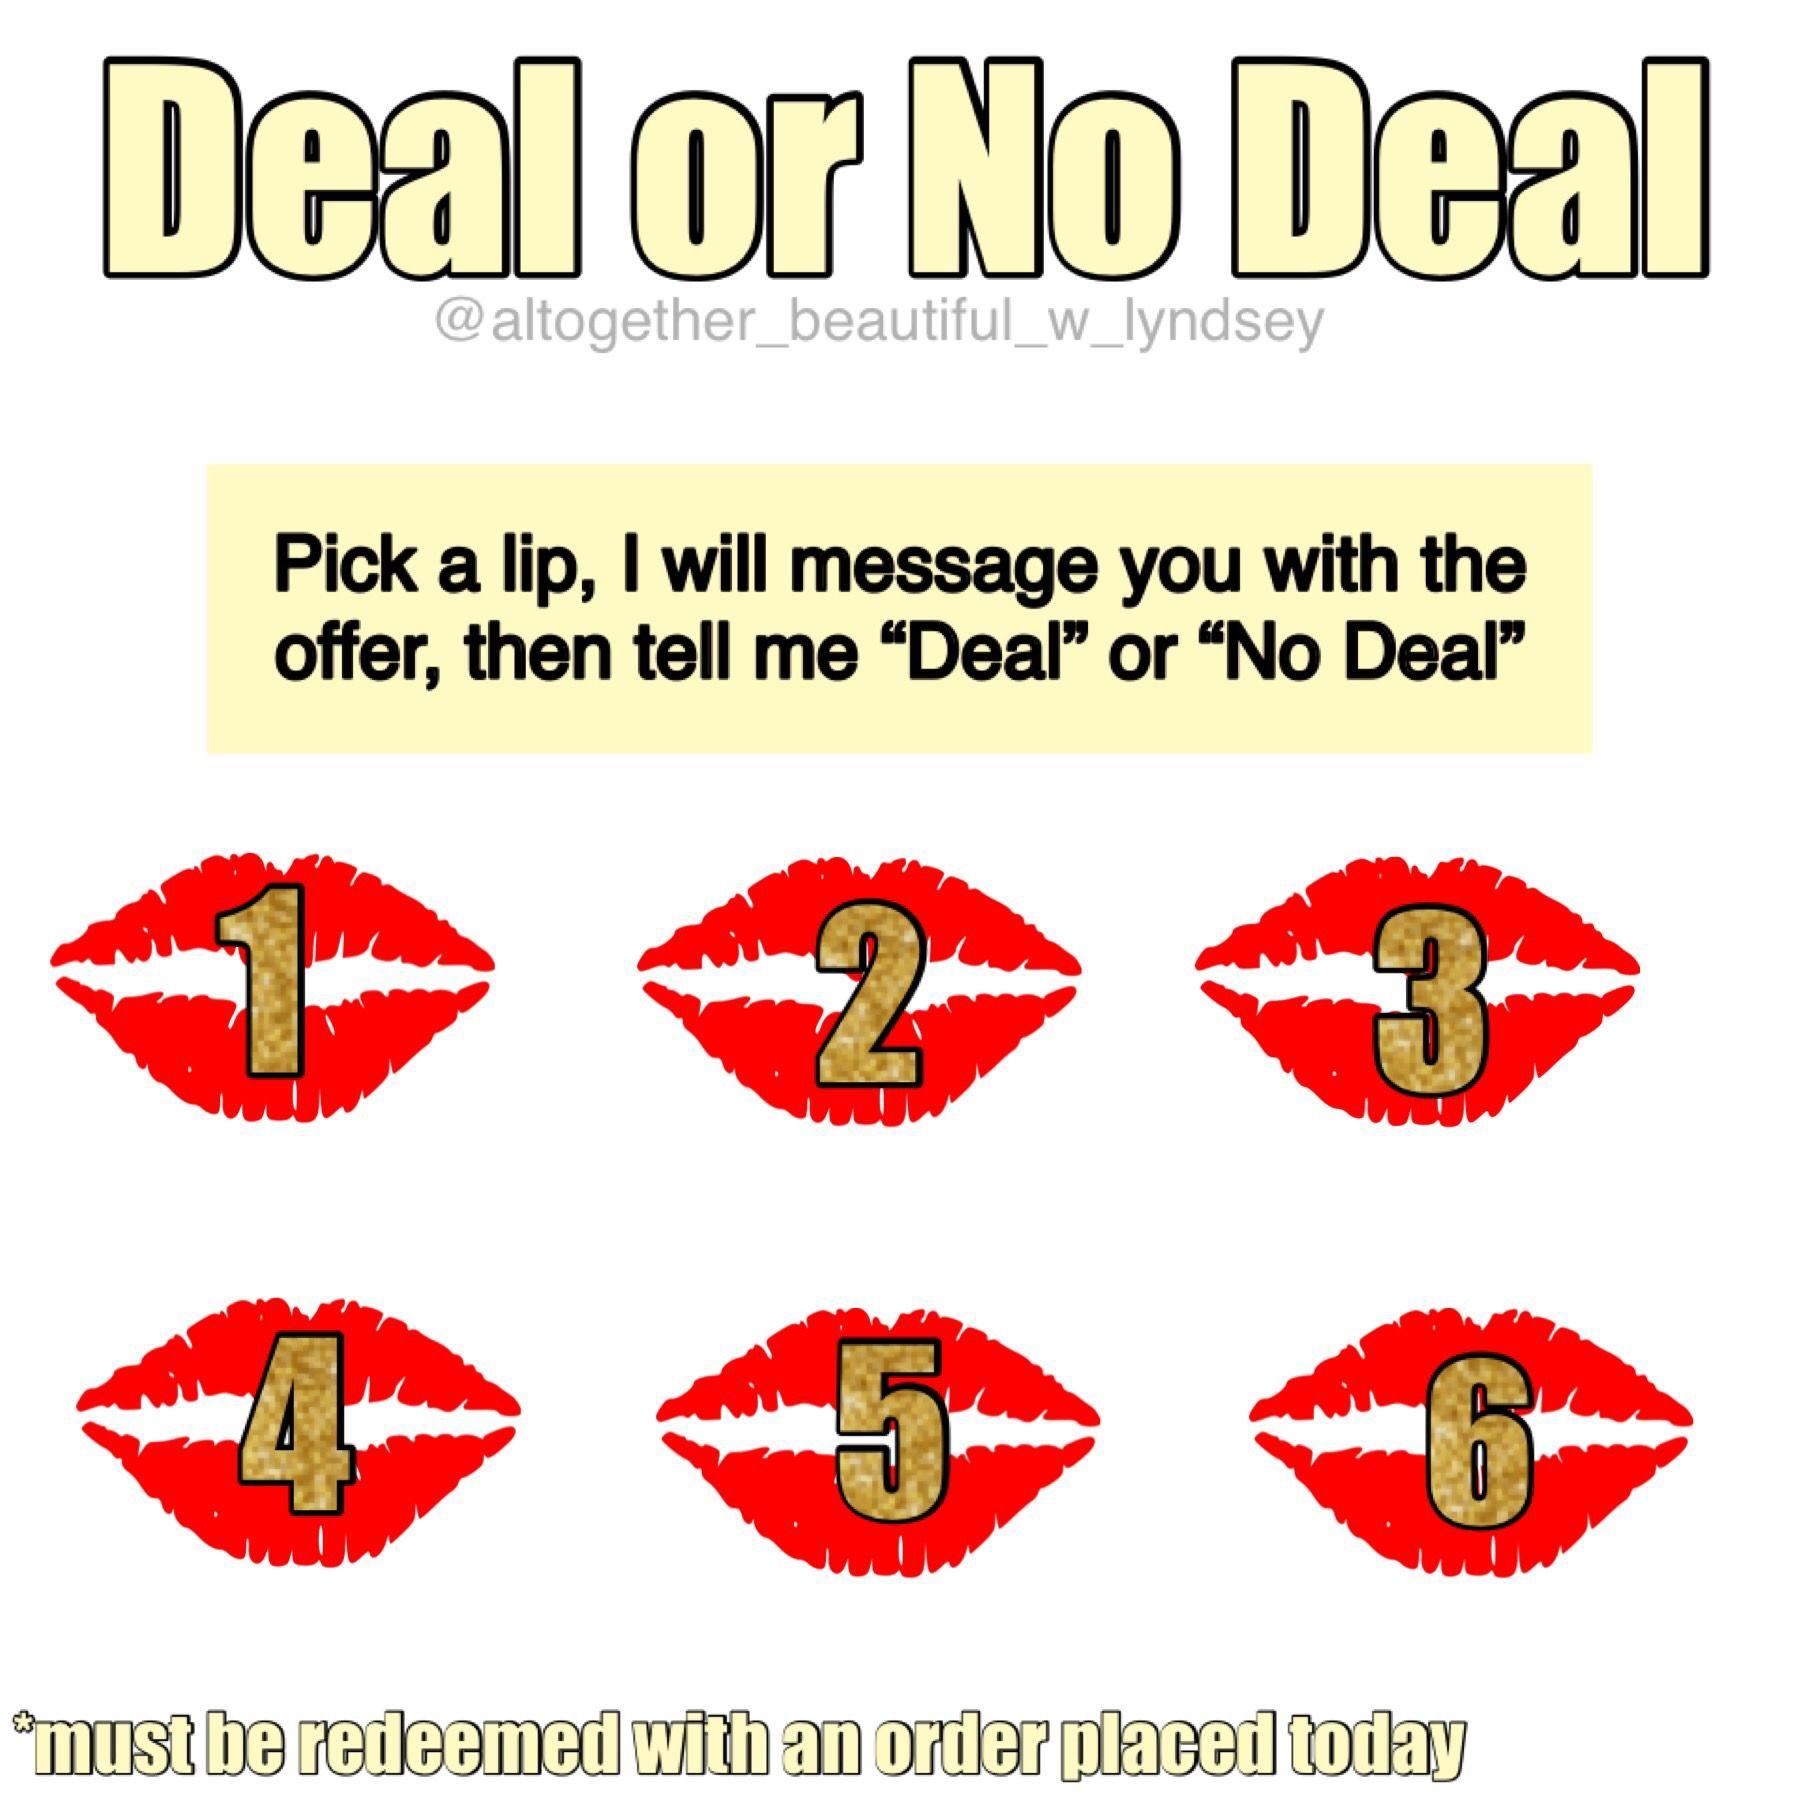 8cc5f94953da162dc615a4f183770916 - How Do You Get Tickets To Deal Or No Deal